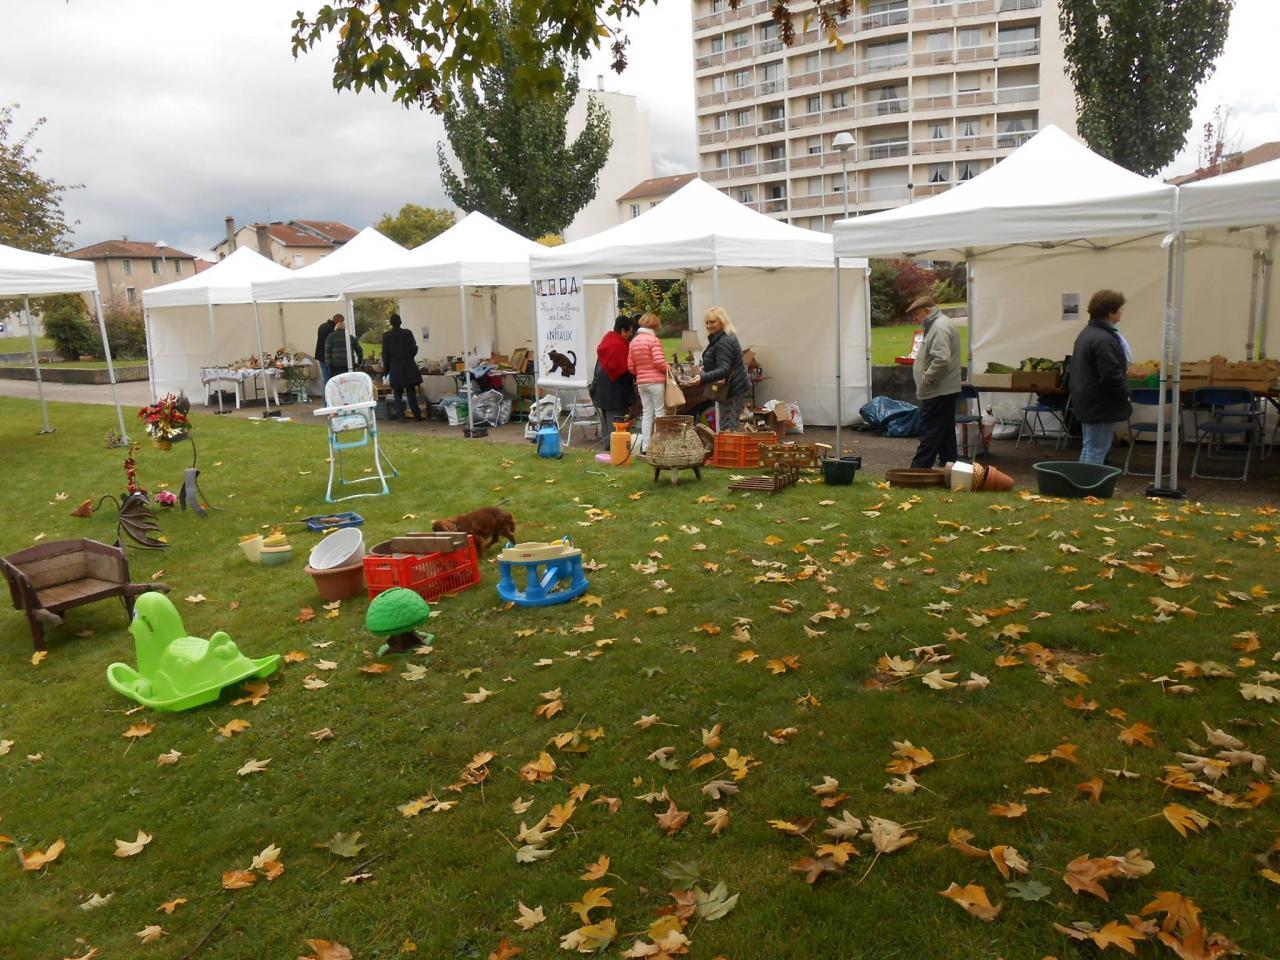 Vide jardin for Vide jardin tournefeuille 2015